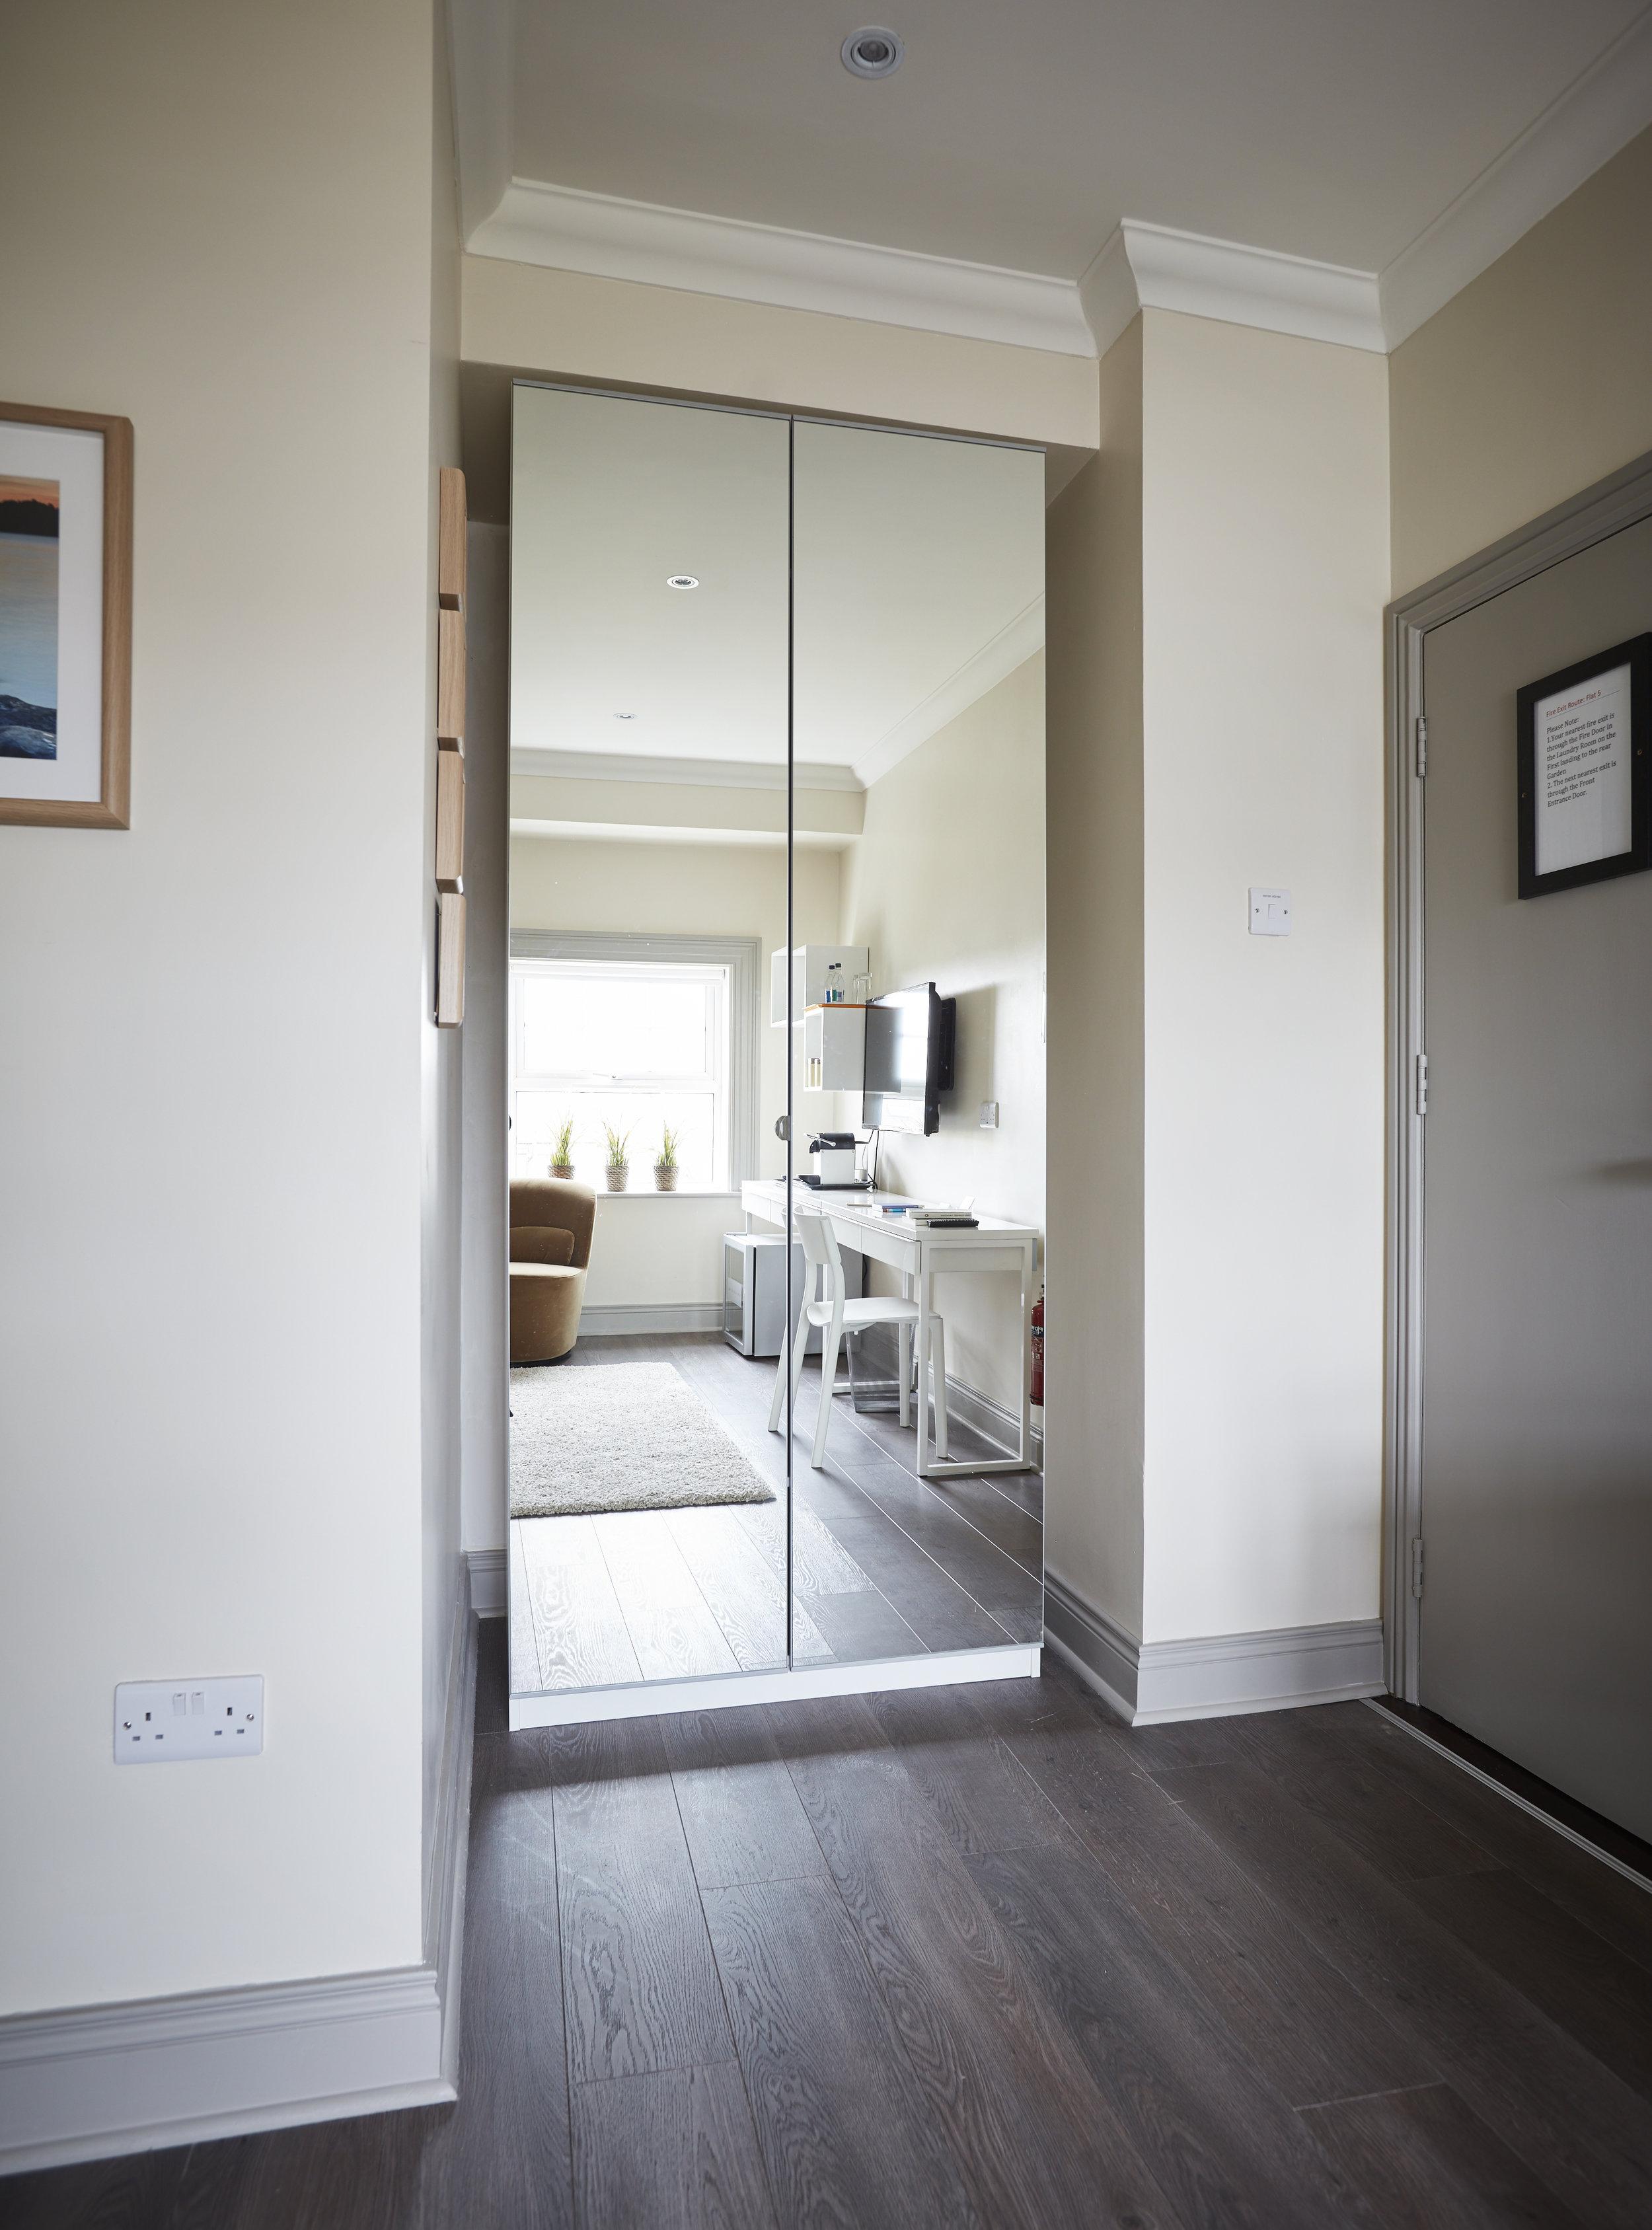 Patrick Kavanagh Room - Wardrobe.jpg